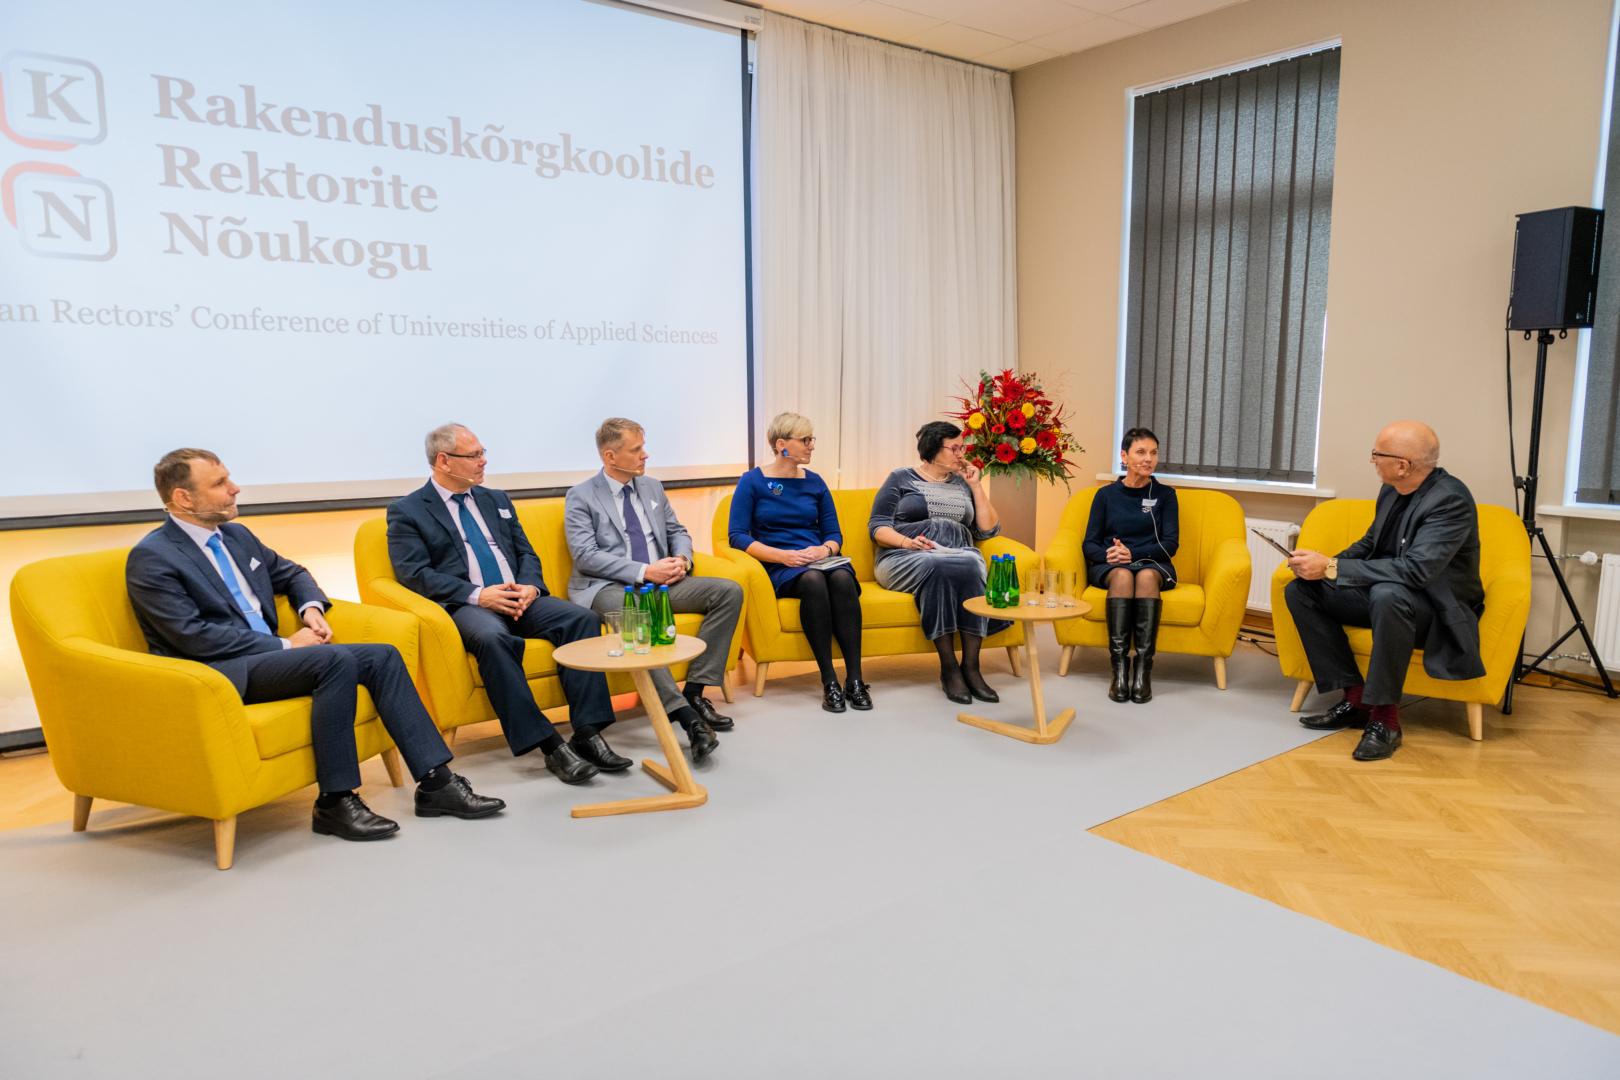 Rakenduskõrgkoolide Rektorite Nõukogu visioonipäev (20.10.2020)